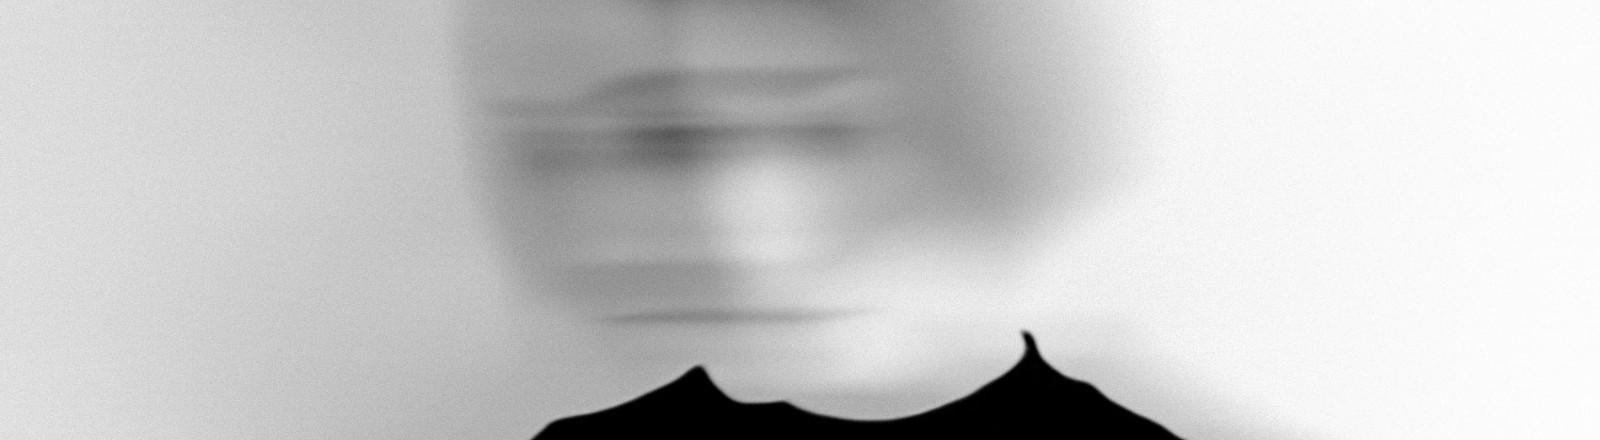 Der Kopf einer Frau, verschwommen